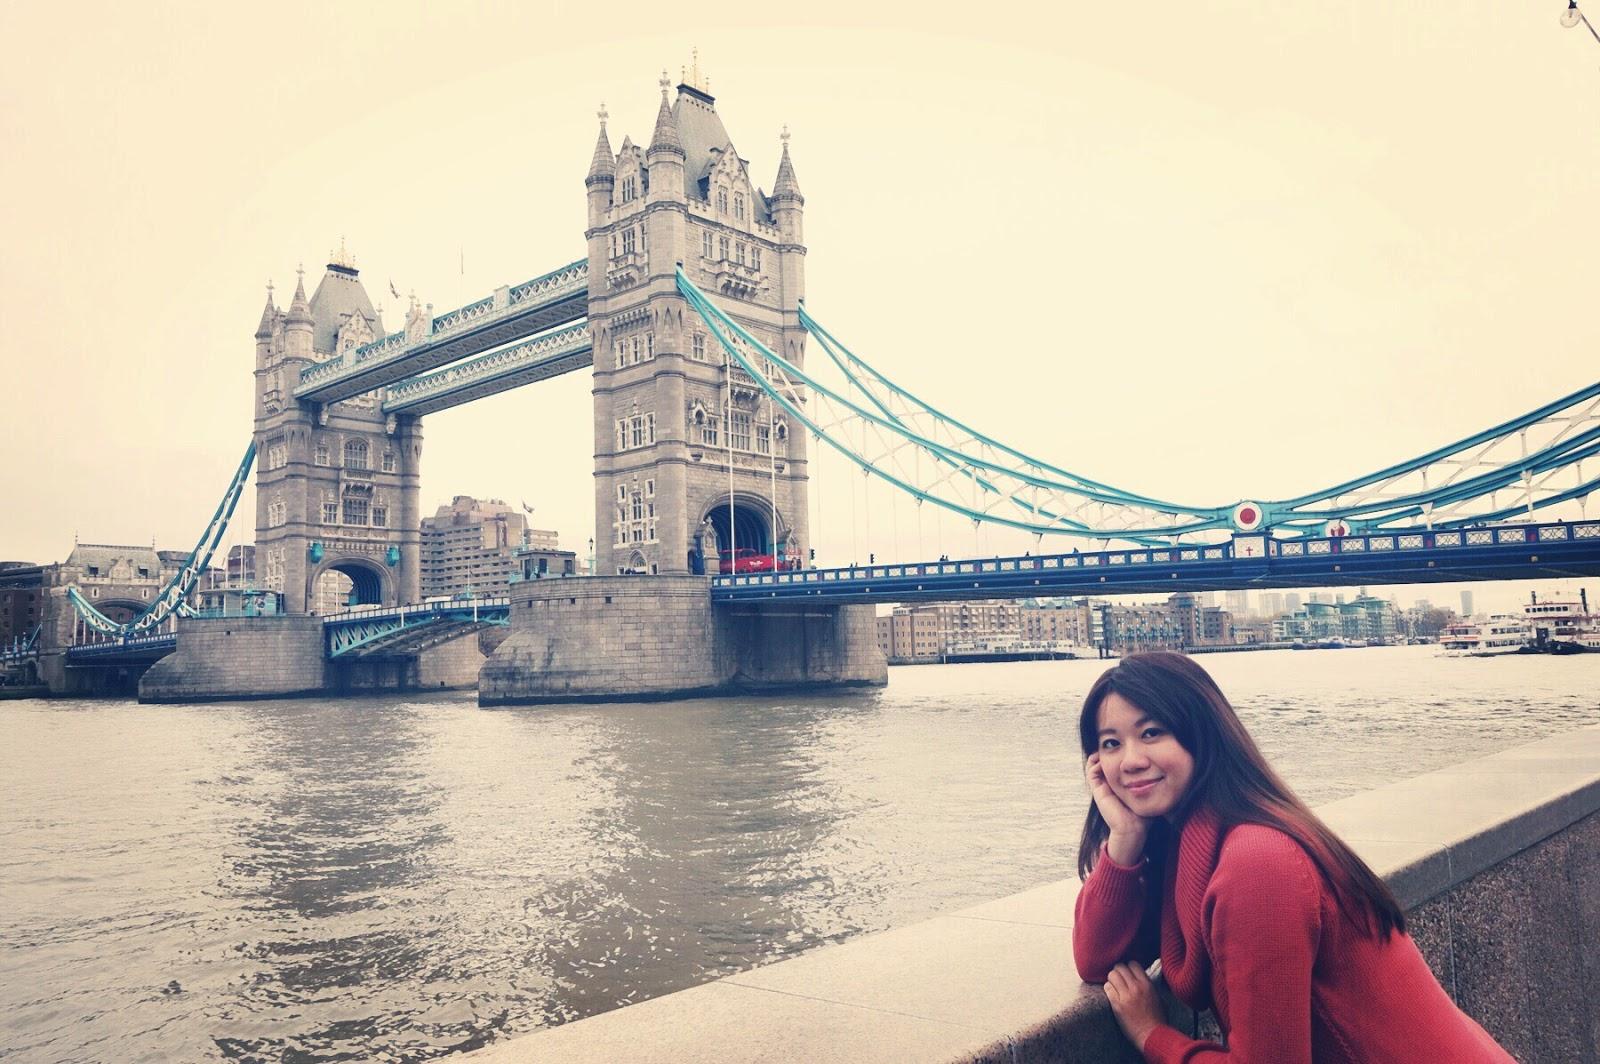 【英國自由行】倫敦景點推薦:倫敦塔橋,波羅市集,碎片塔,空中花園,柯芬園 | 星空璀璨倫敦市景 - Wendy's ...